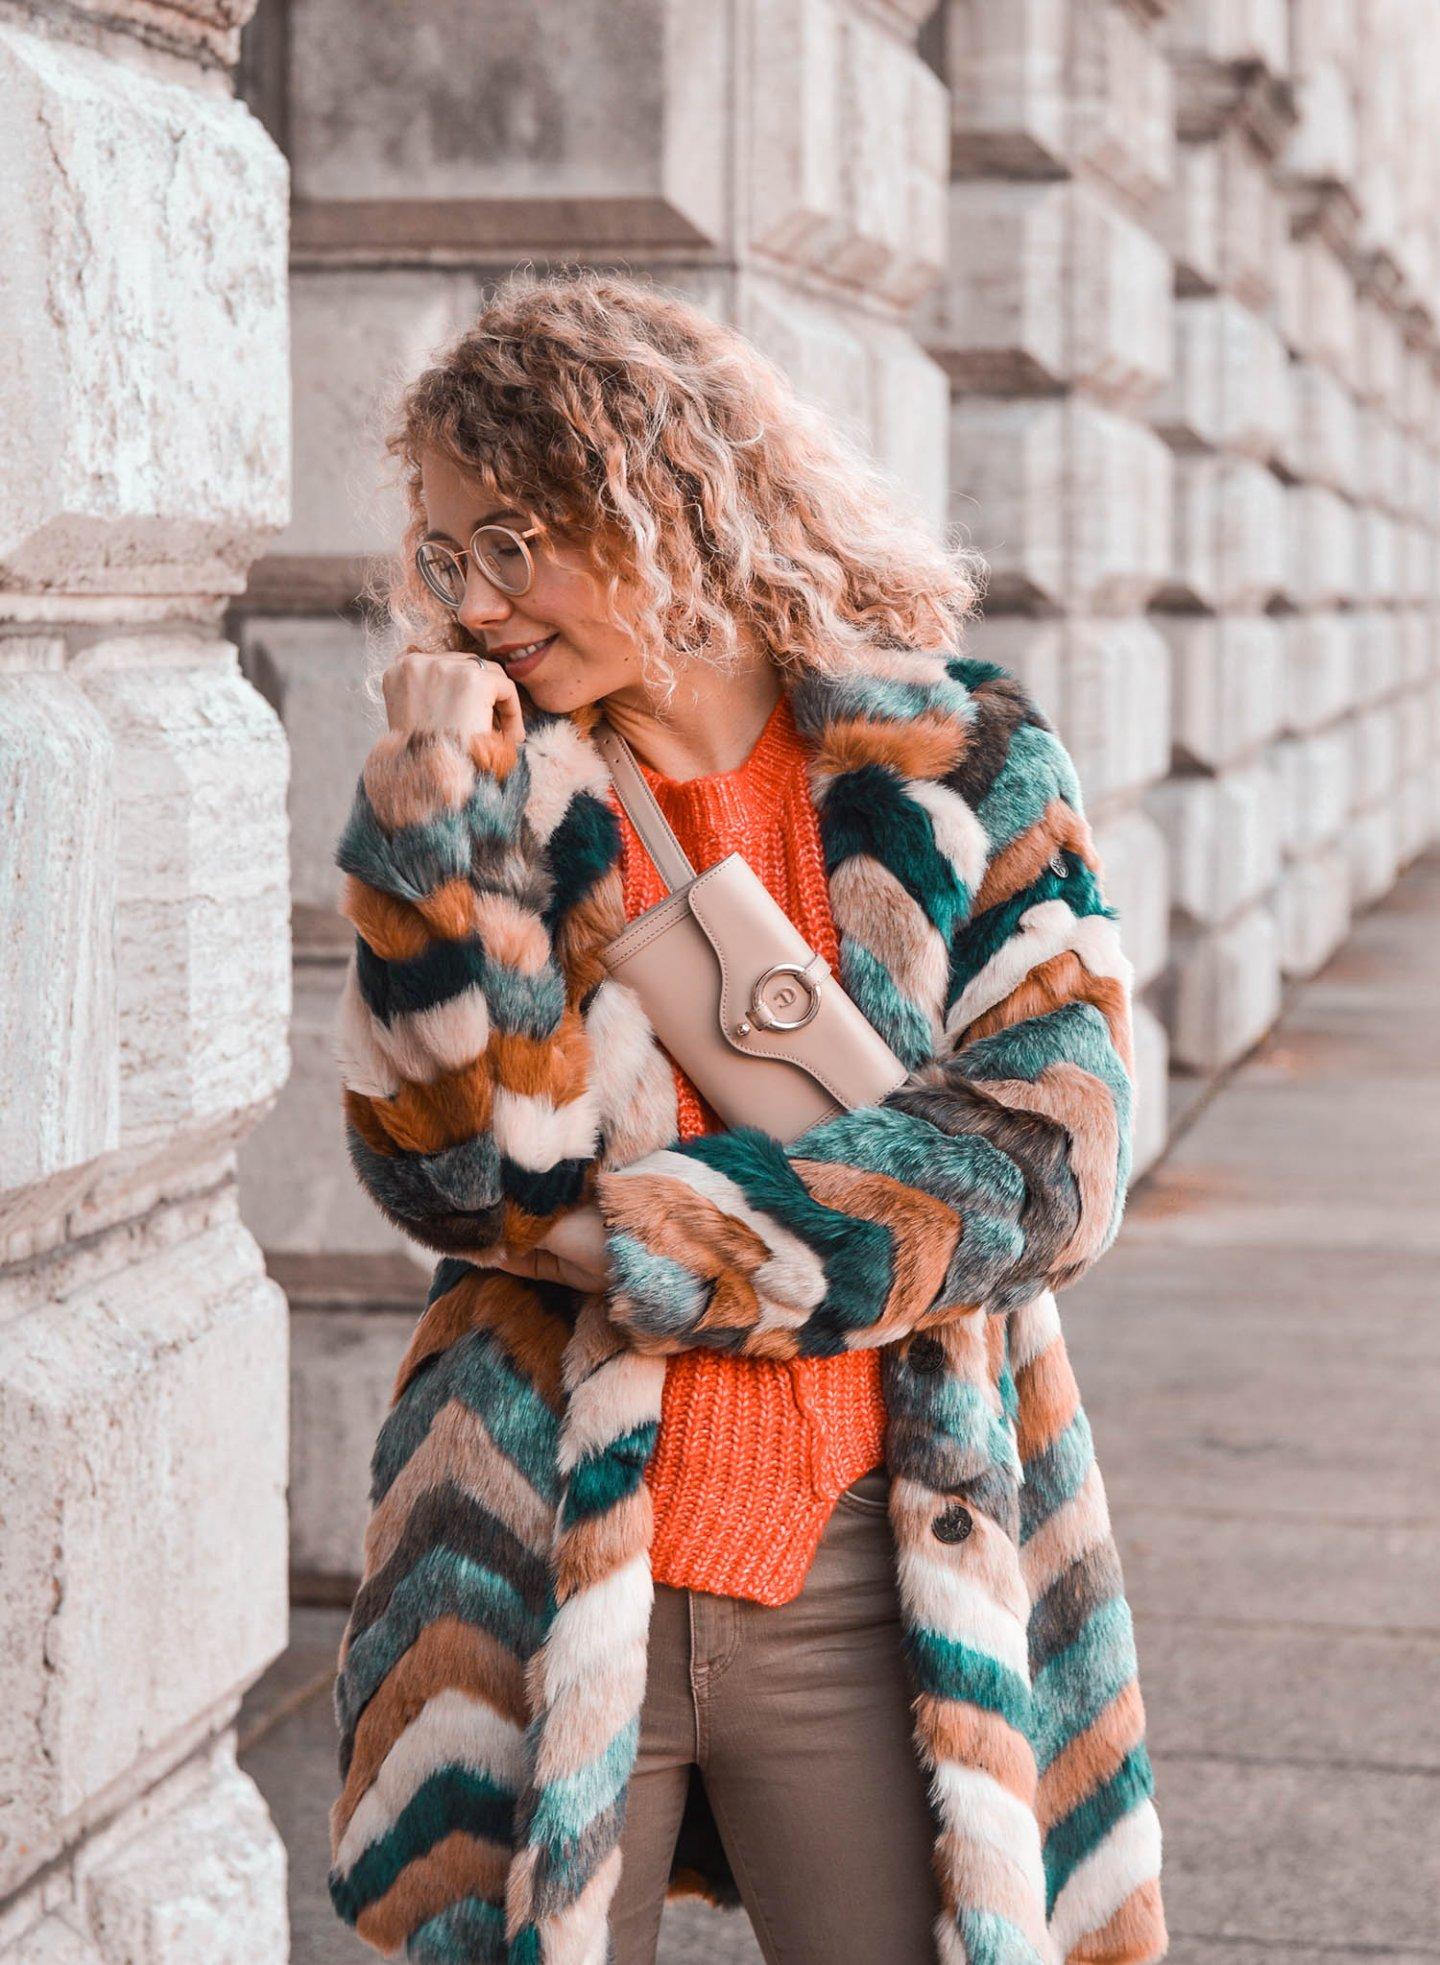 Warm und Stylisch durch den Winter - Outfit Inspiration